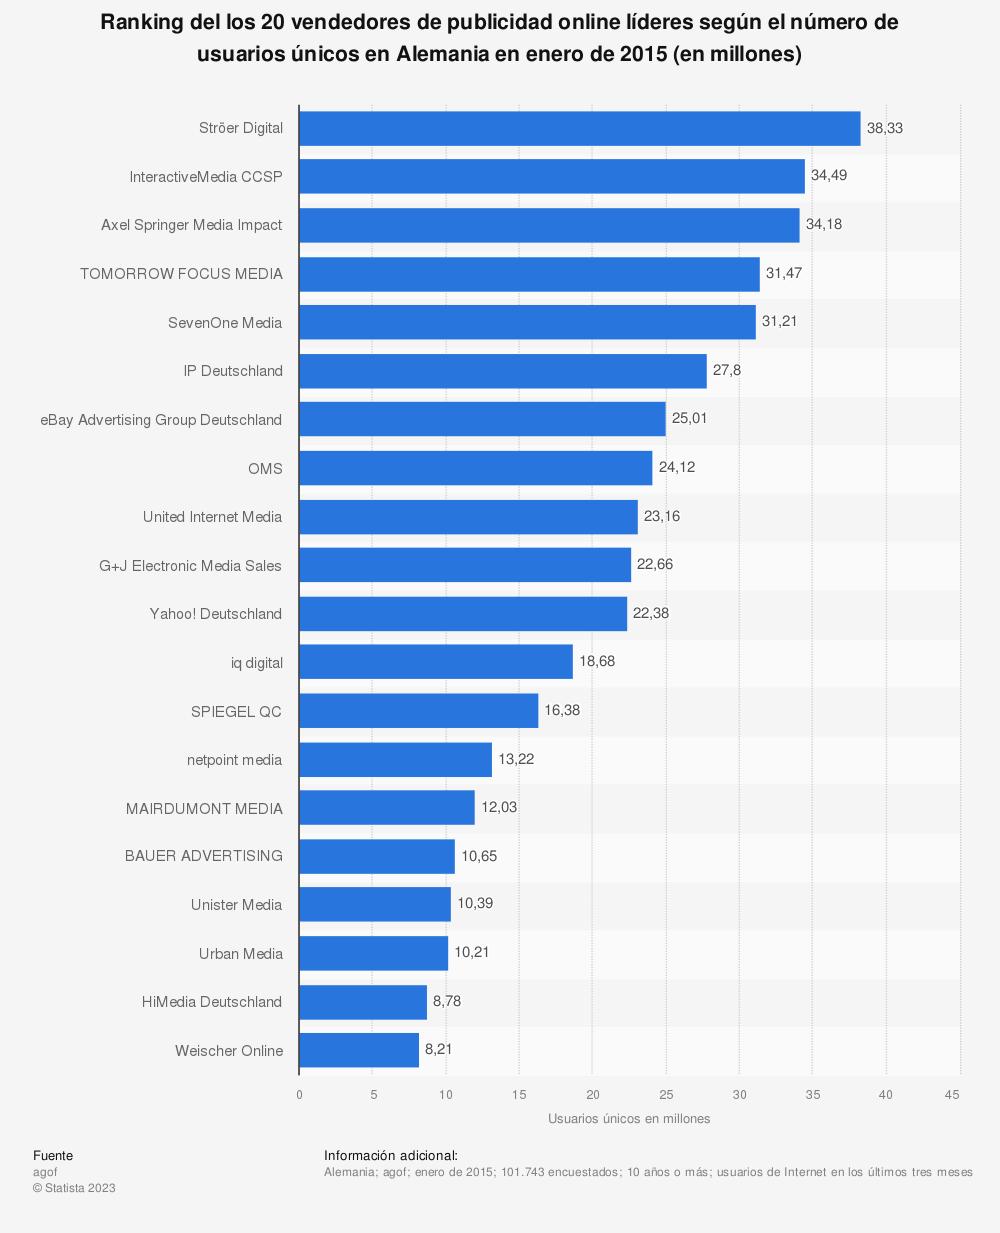 Estadística: Ranking del los 20 vendedores de publicidad online líderes según el número de usuarios únicos en Alemania en enero de 2015 (en millones) | Statista